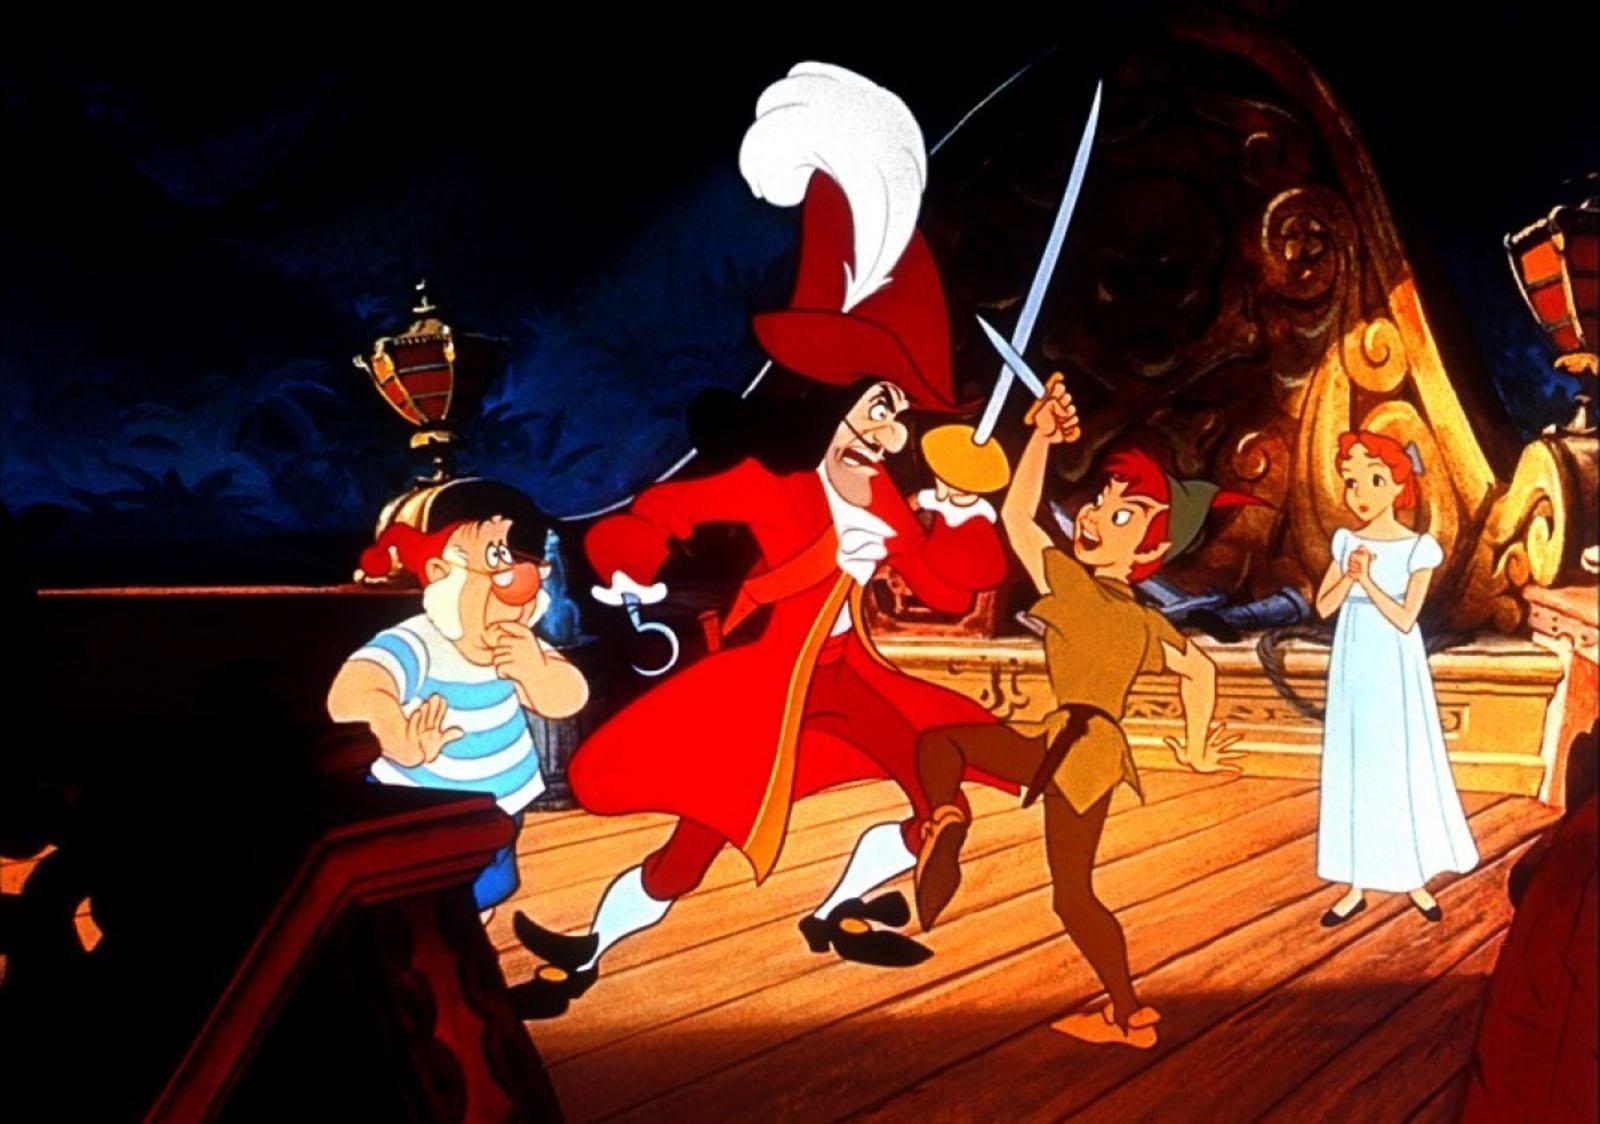 Peter Pan (1953) image